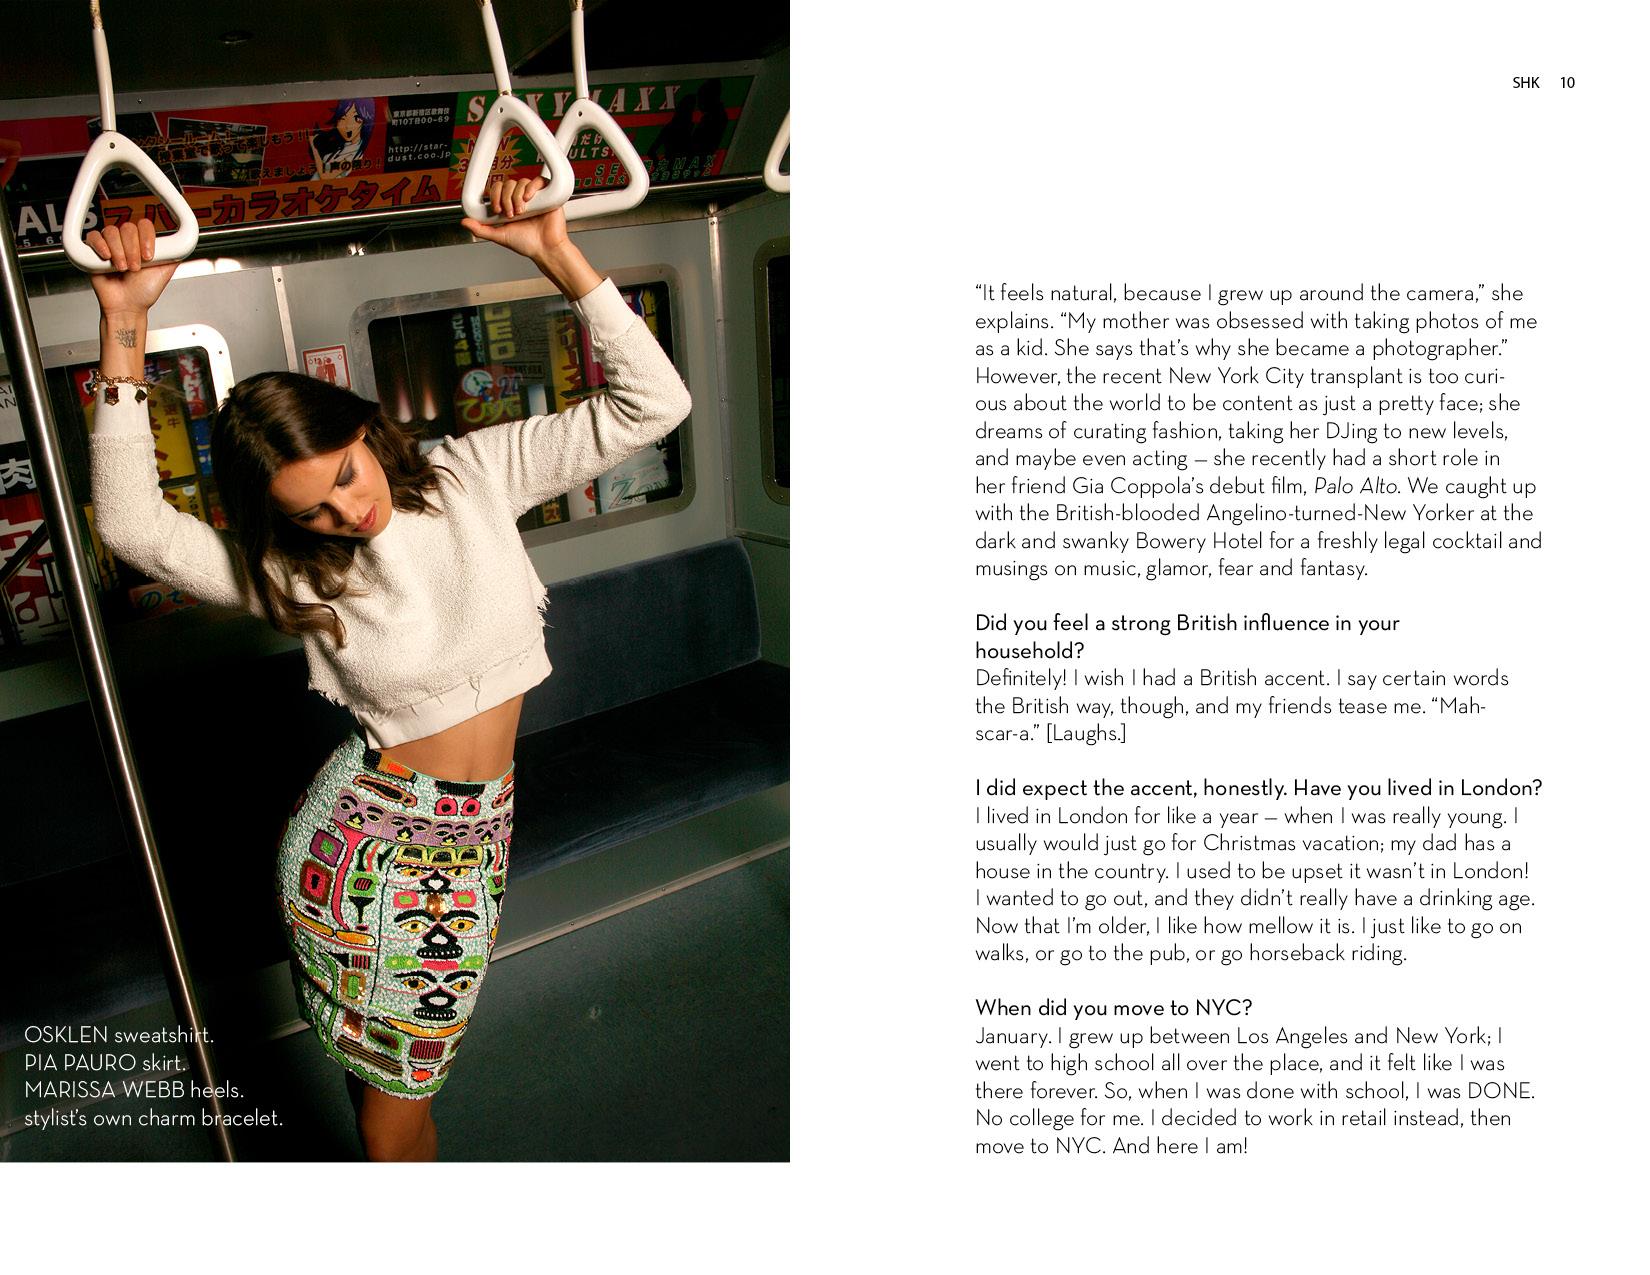 SHK-Summer-Issue-Summer-Needs-No-Explaination-201310.jpg